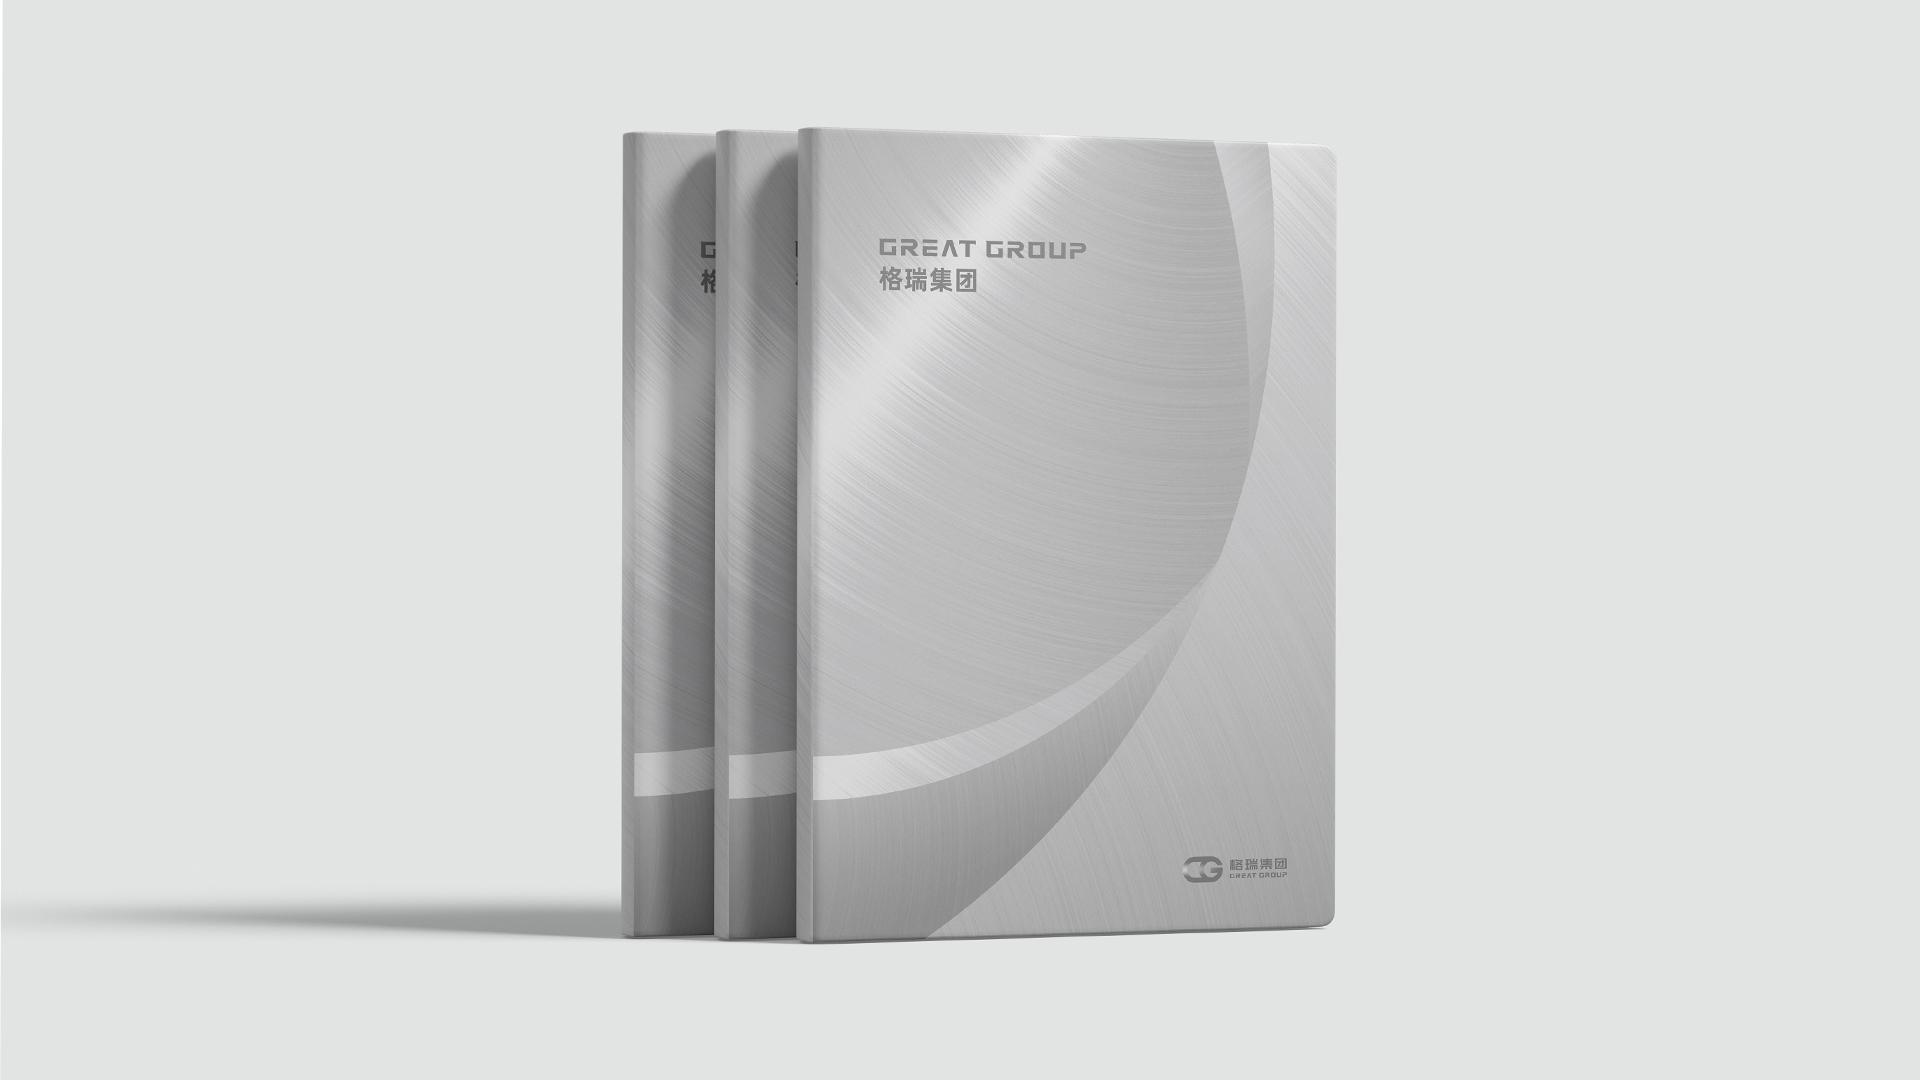 天津格瑞画册设计